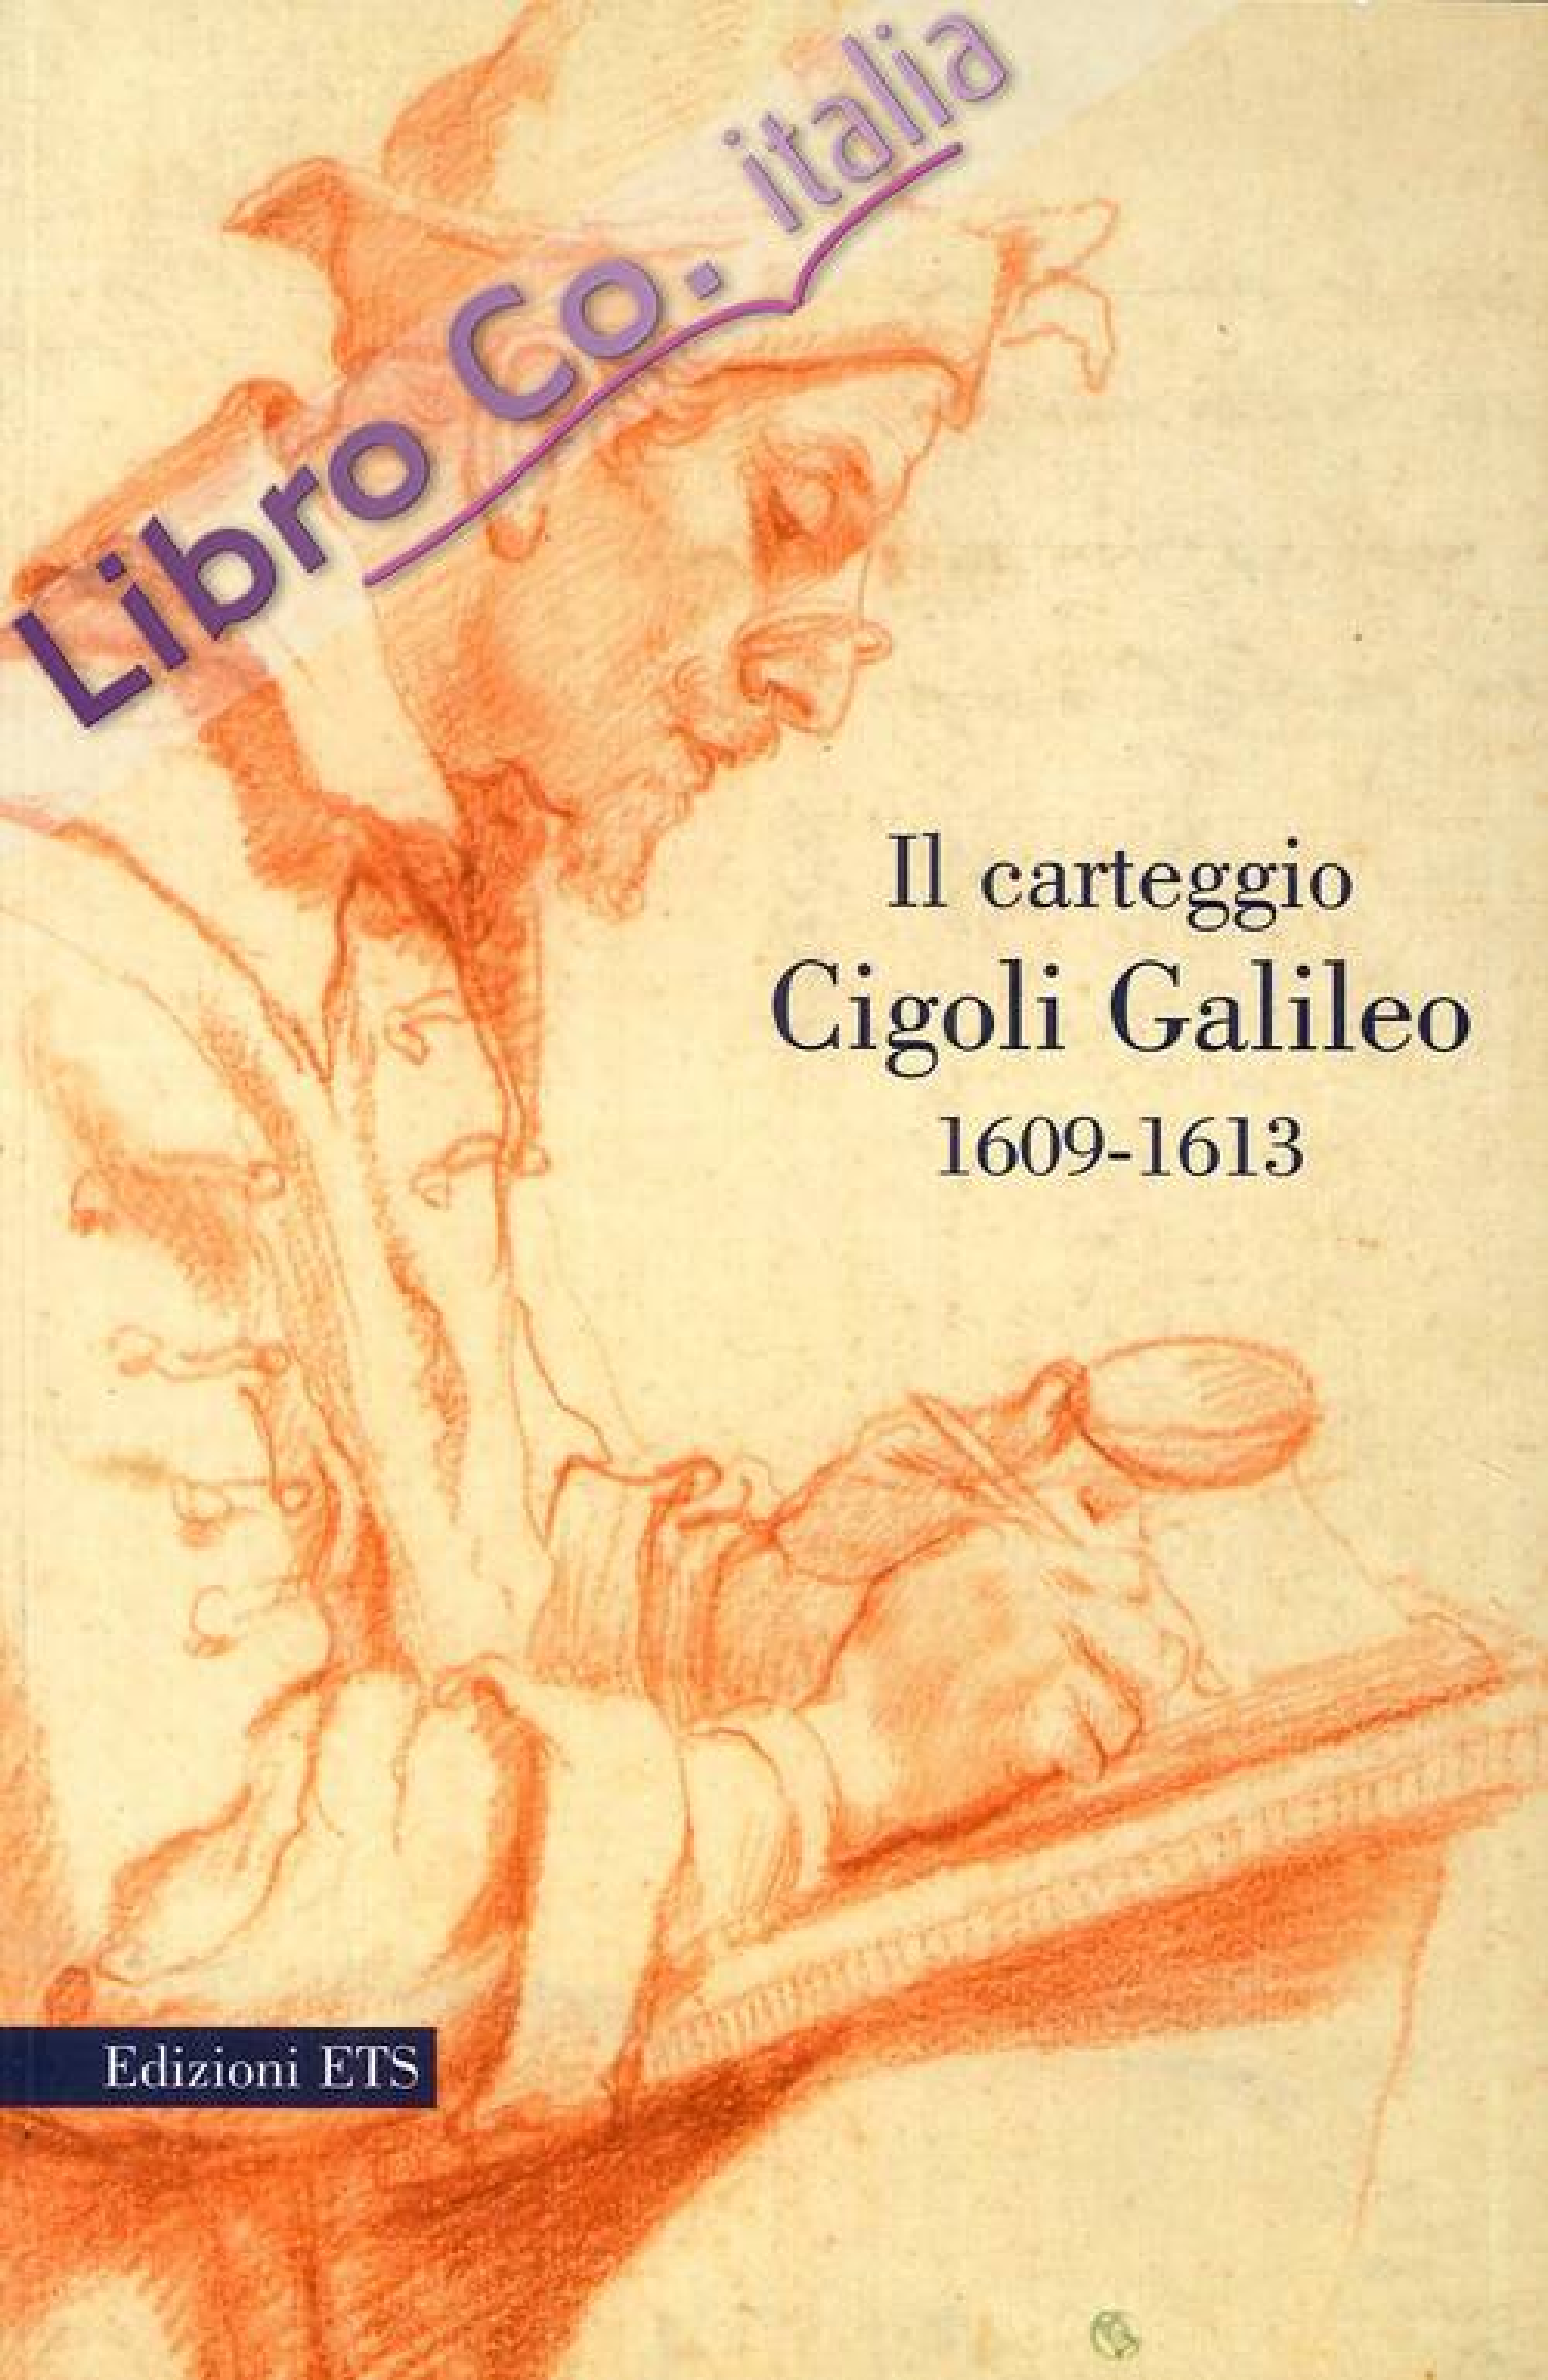 Il carteggio Cigoli Galileo 1609-1613